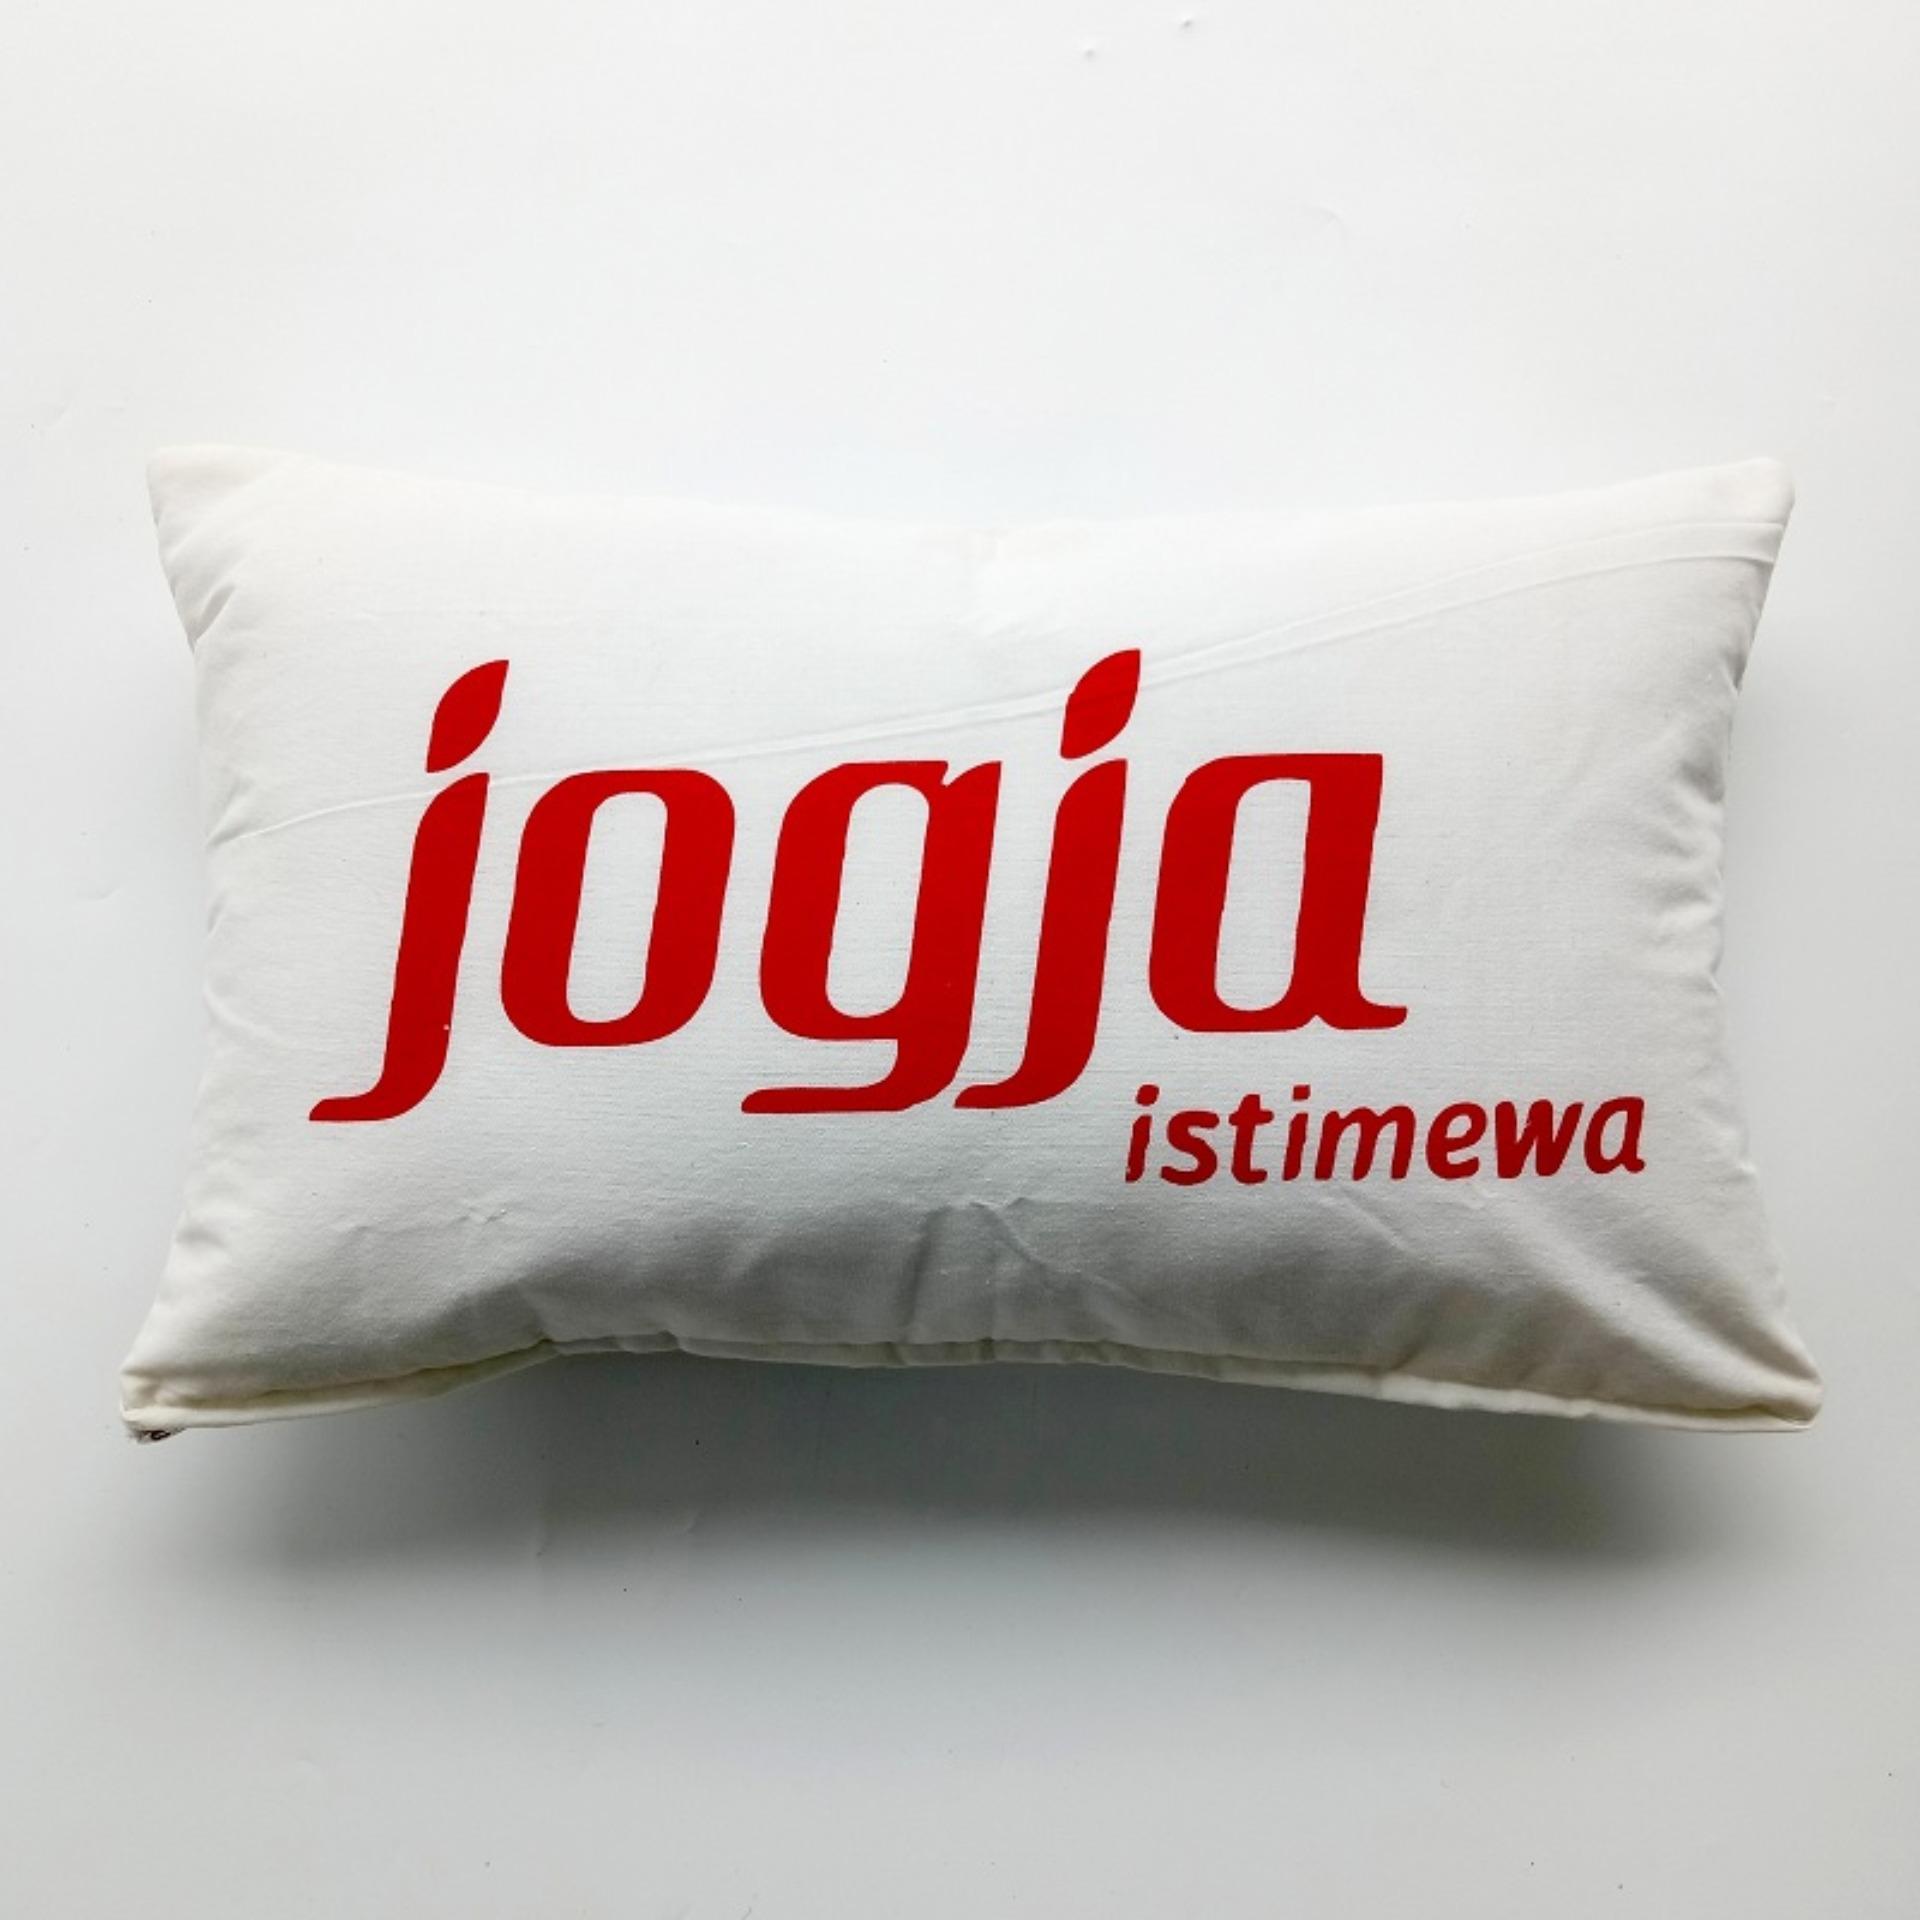 Cushion Cover / Sarung Bantal Sofa - Jogja Istimewa